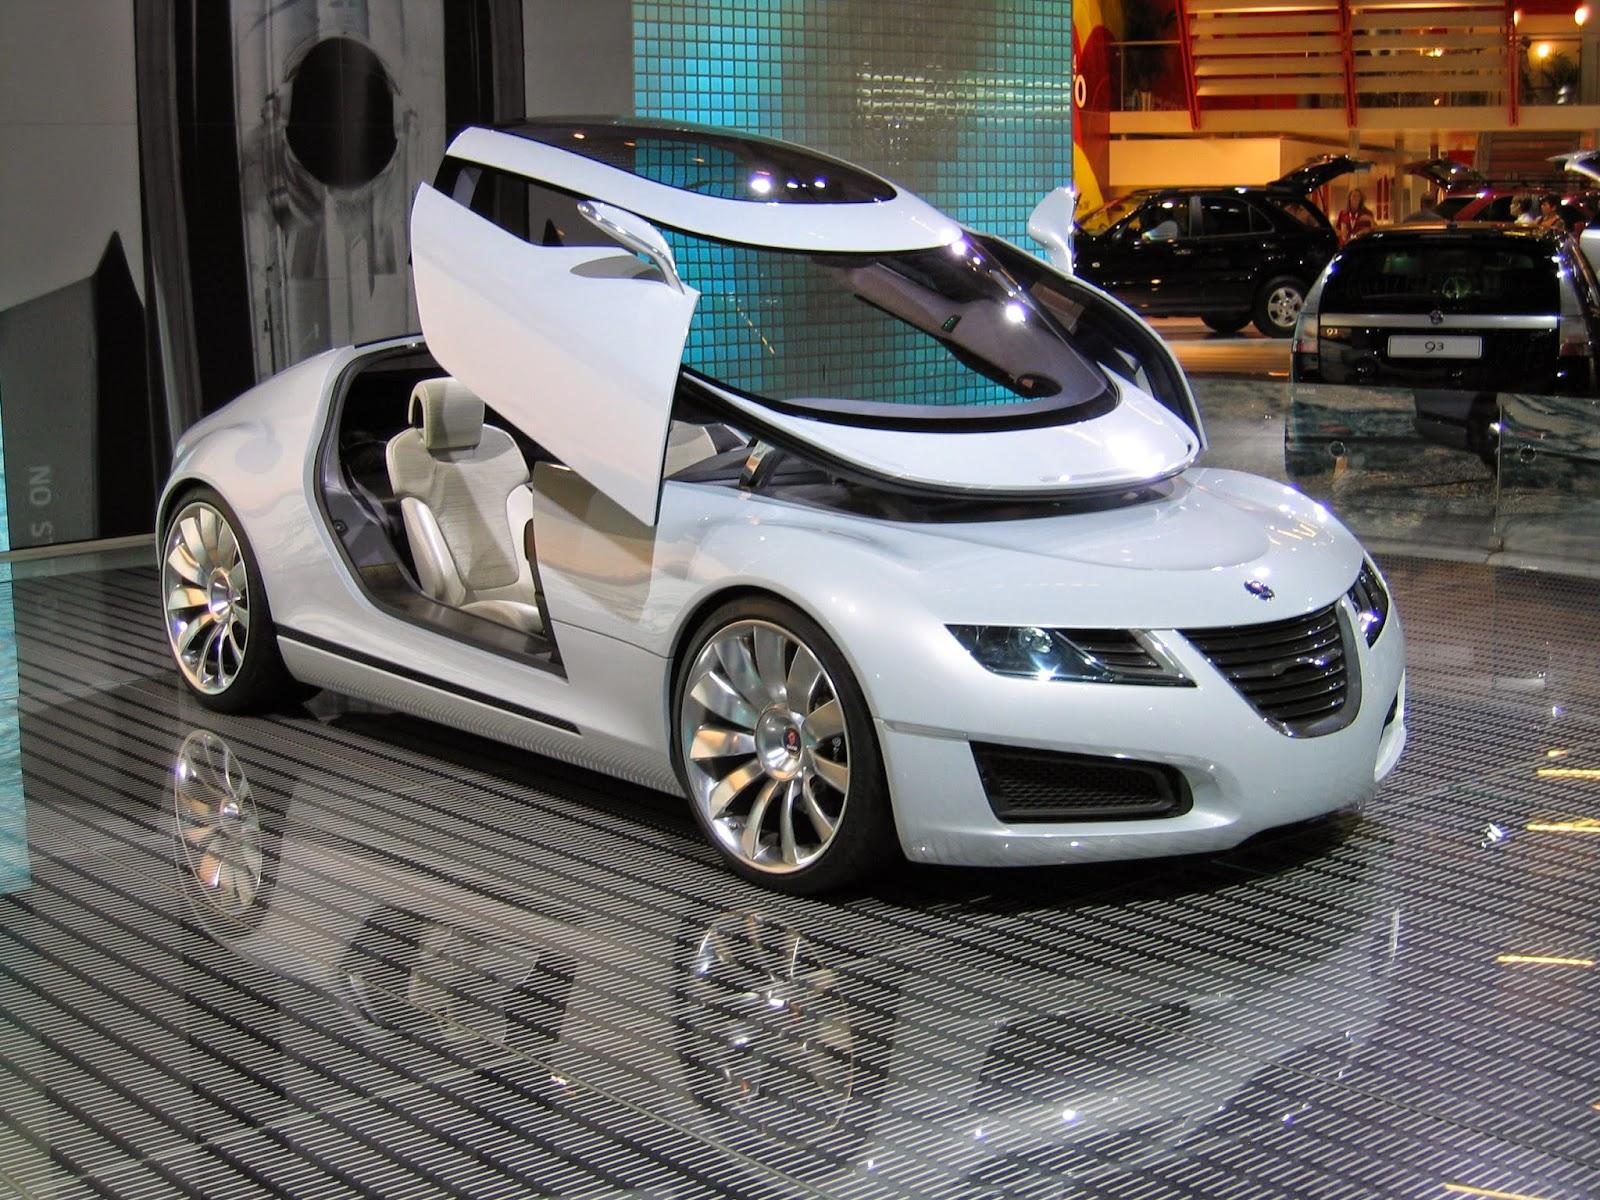 Cerita Nugros Model Model Pintu Mobil Di Dunia Kepikiran Aja Yah